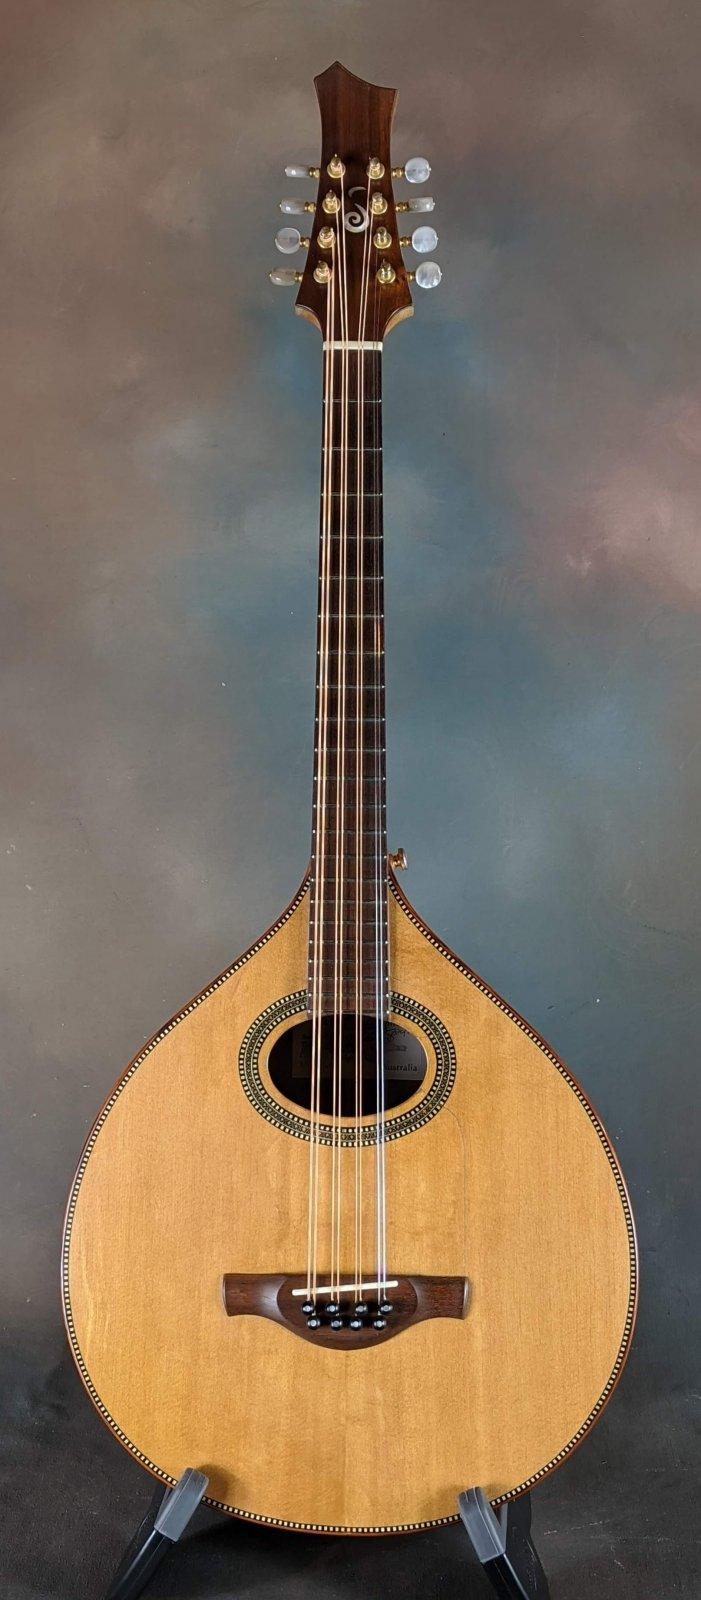 2004 Jack Spira Octave Mandolin